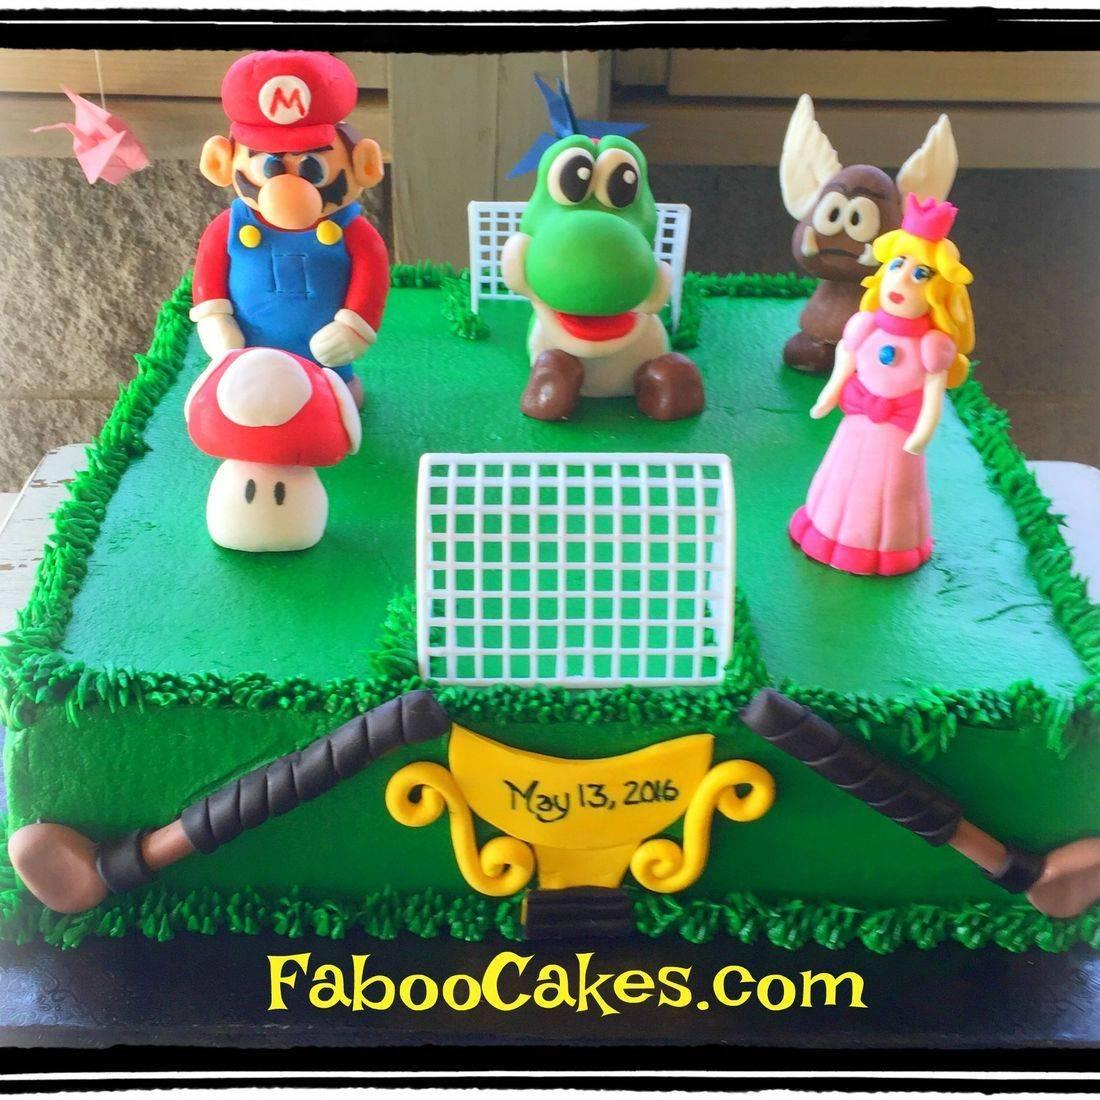 marios brothers cake super mario cake princess peach mario luigi